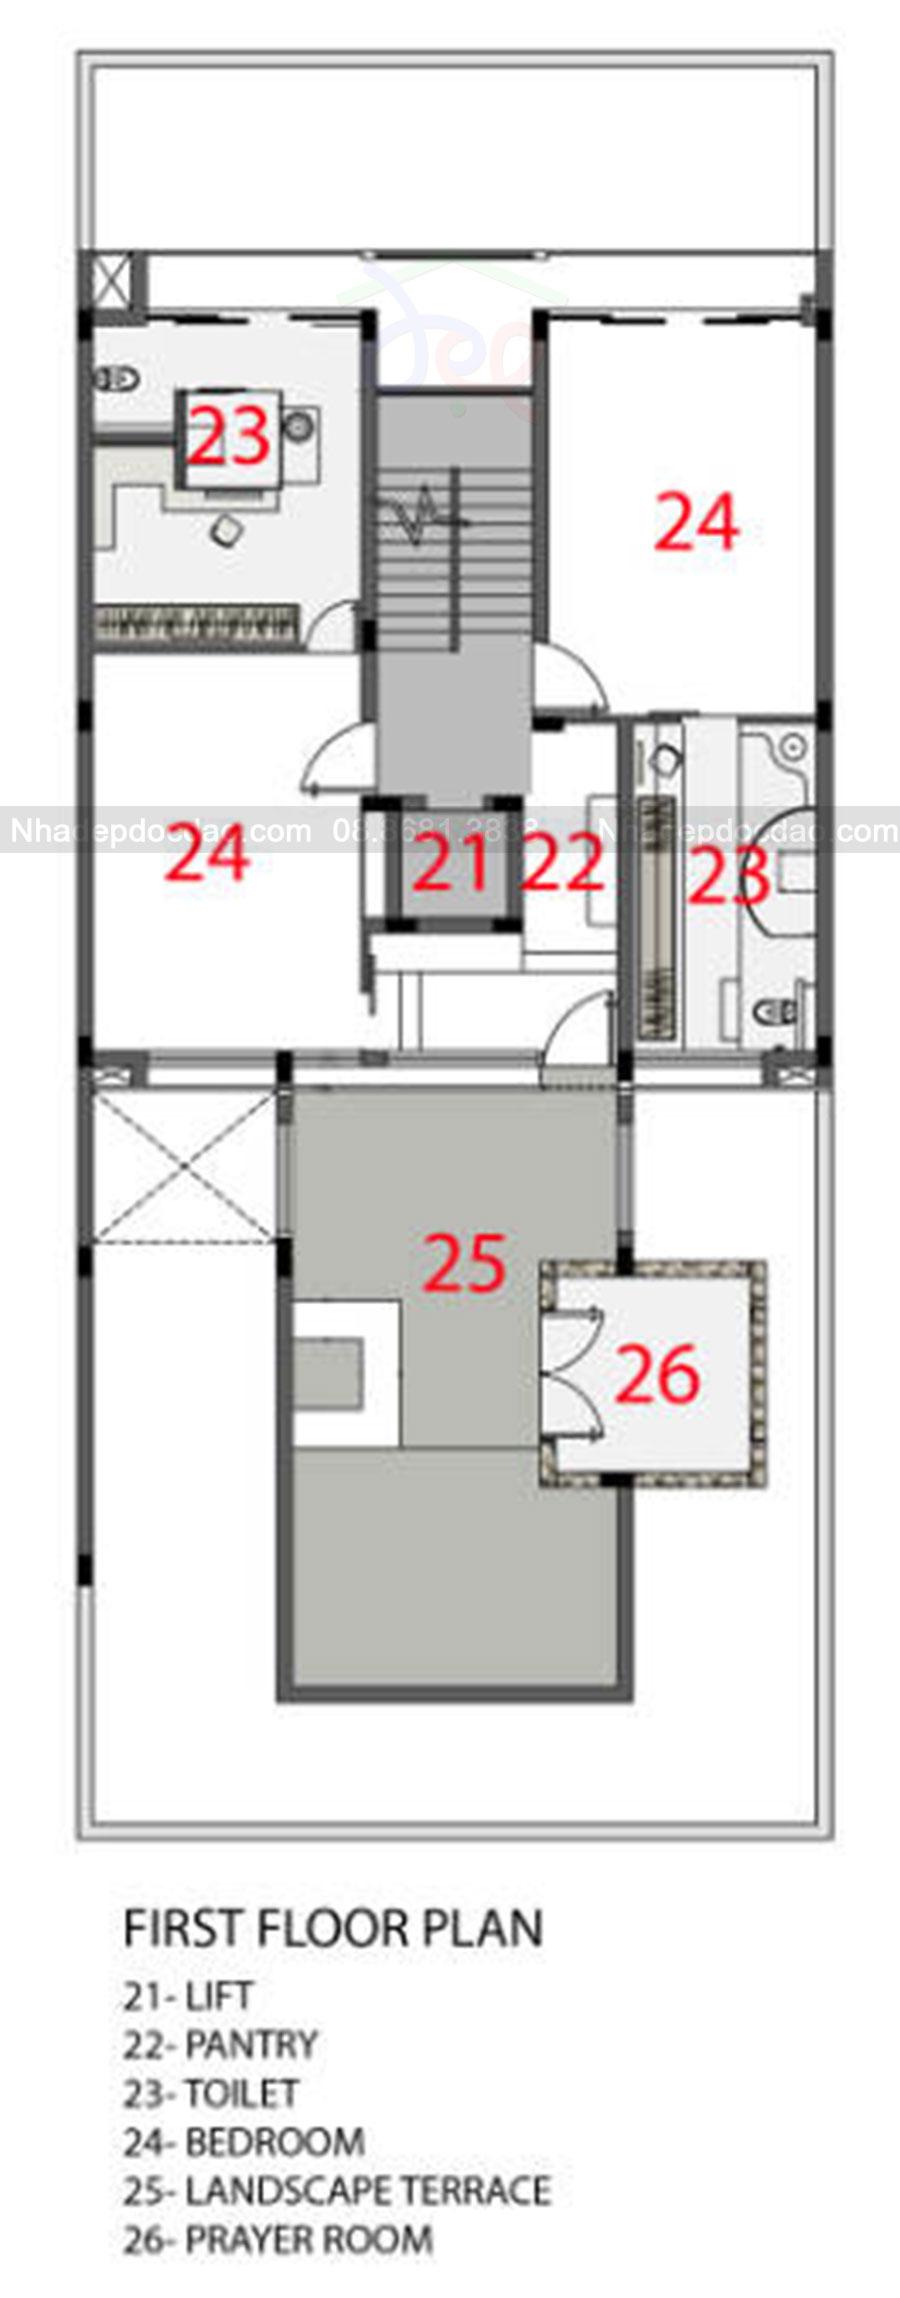 Thiết kế nhà phố 5,5 tầng phong cách hiện đại trên diện tích 190m2